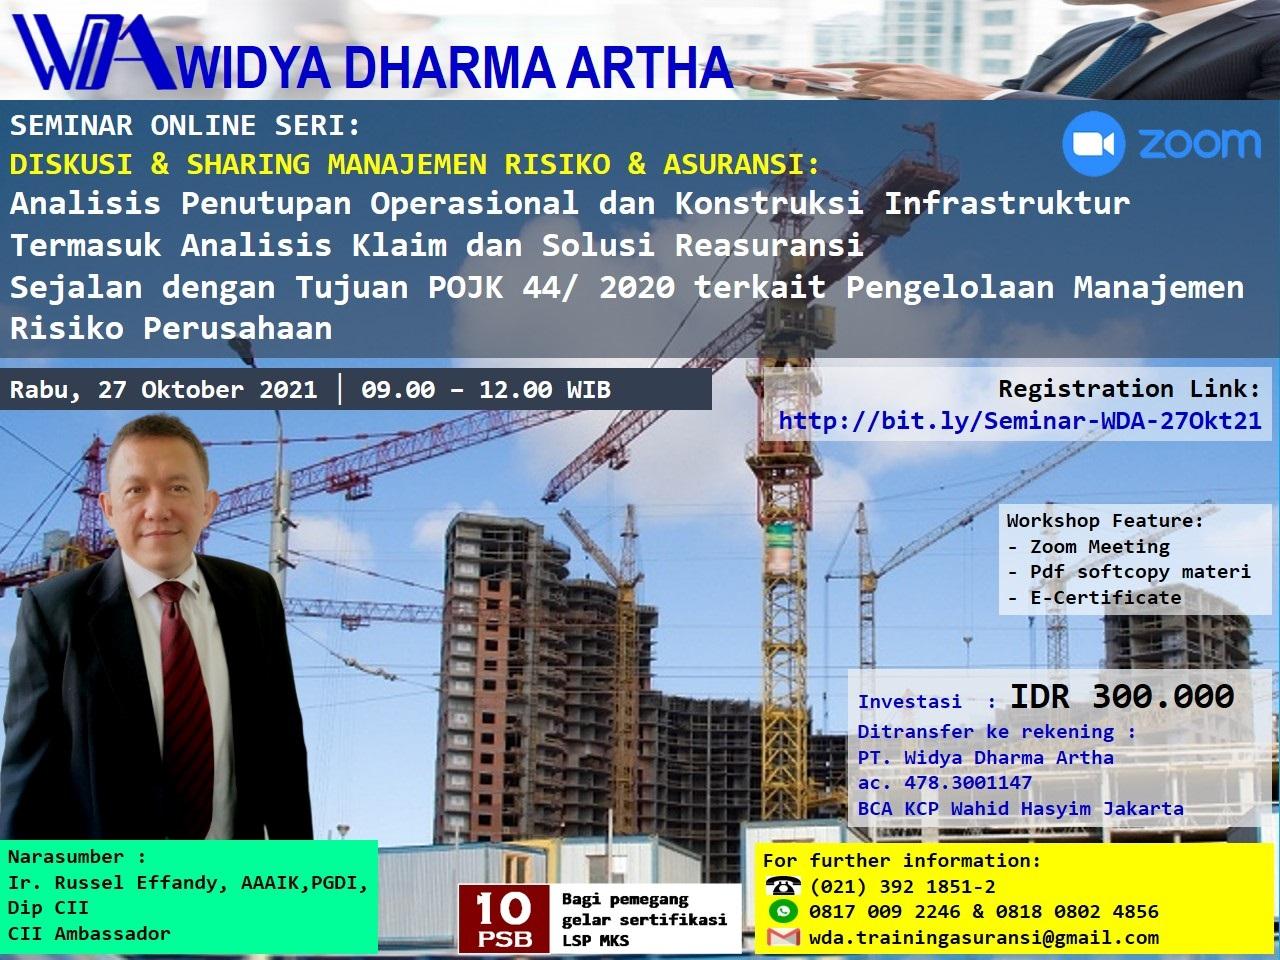 wda-infrastruktur-271021